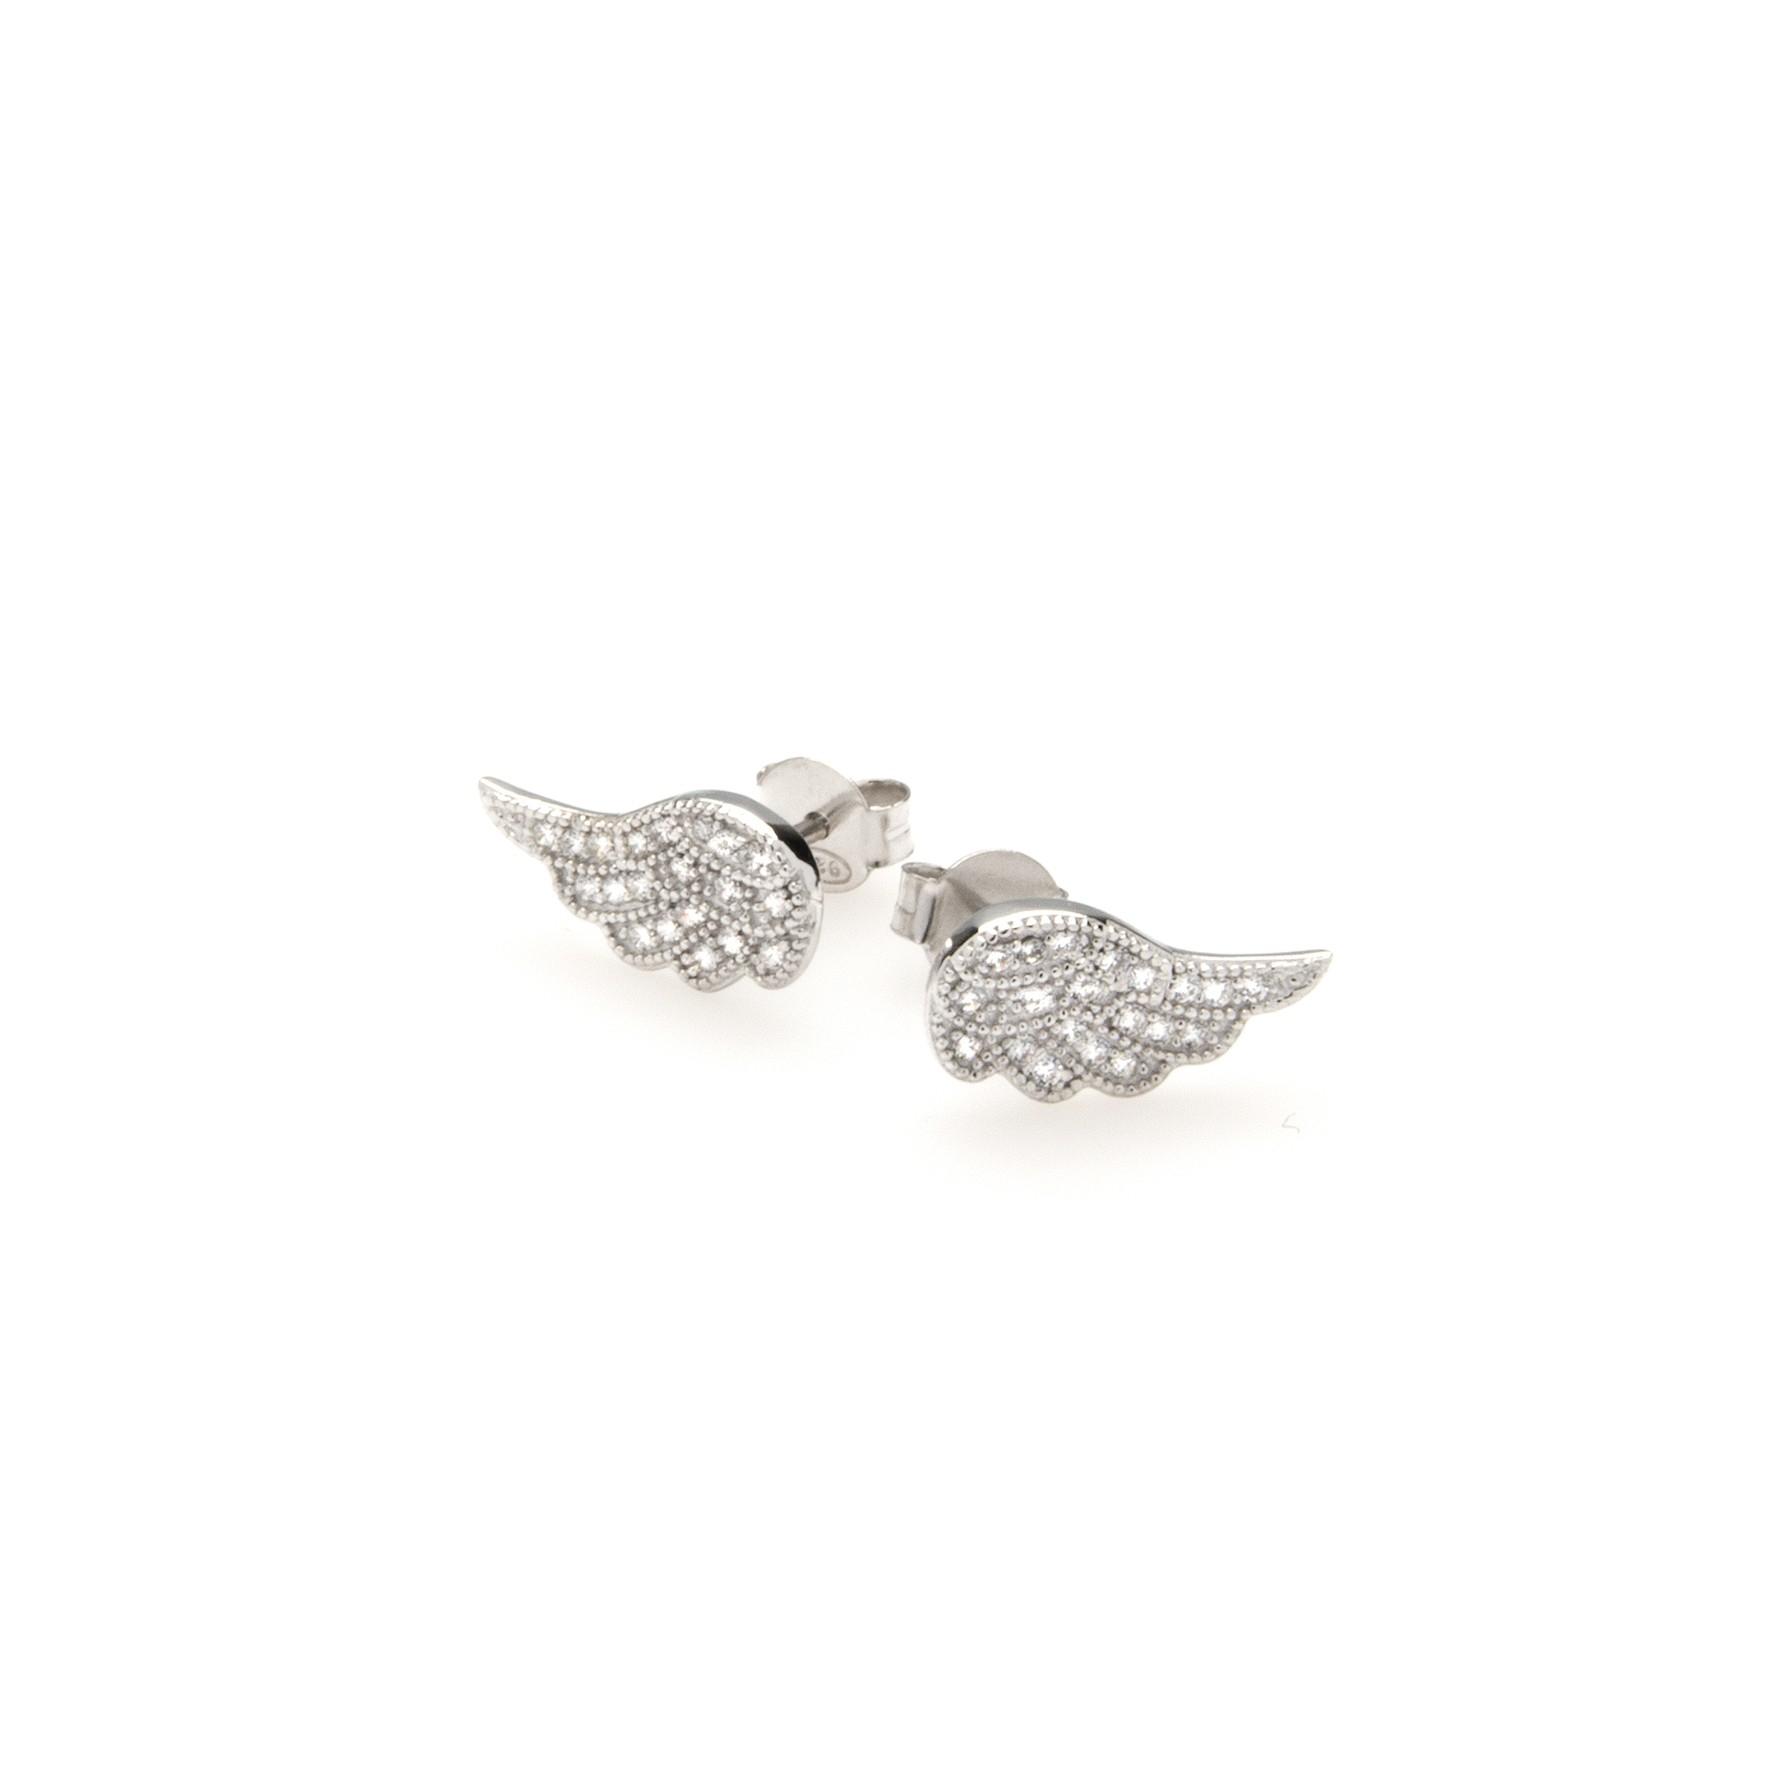 Kolczyki GLAMOUR srebrne skrzydła z cyrkoniami